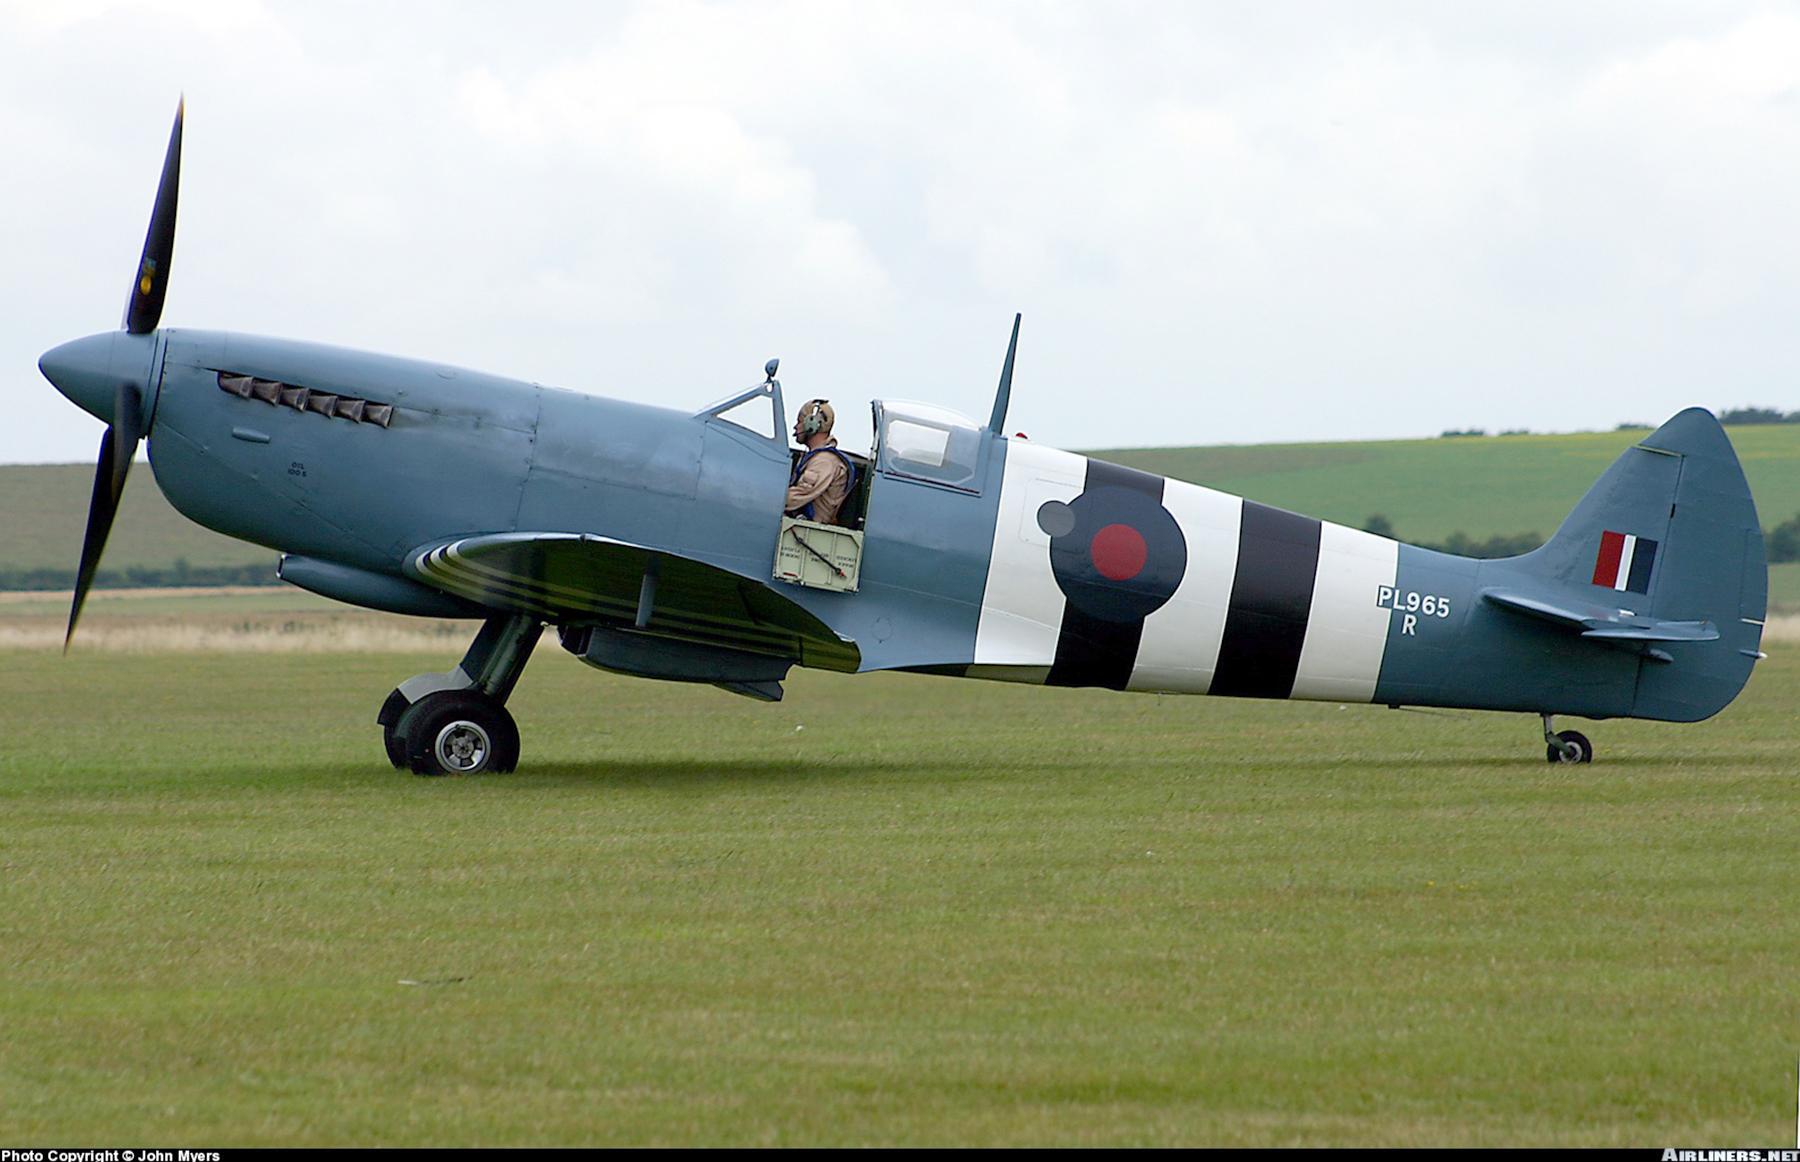 Airworthy Spitfire warbird PRXI RAF 16Sqn R PL965 06